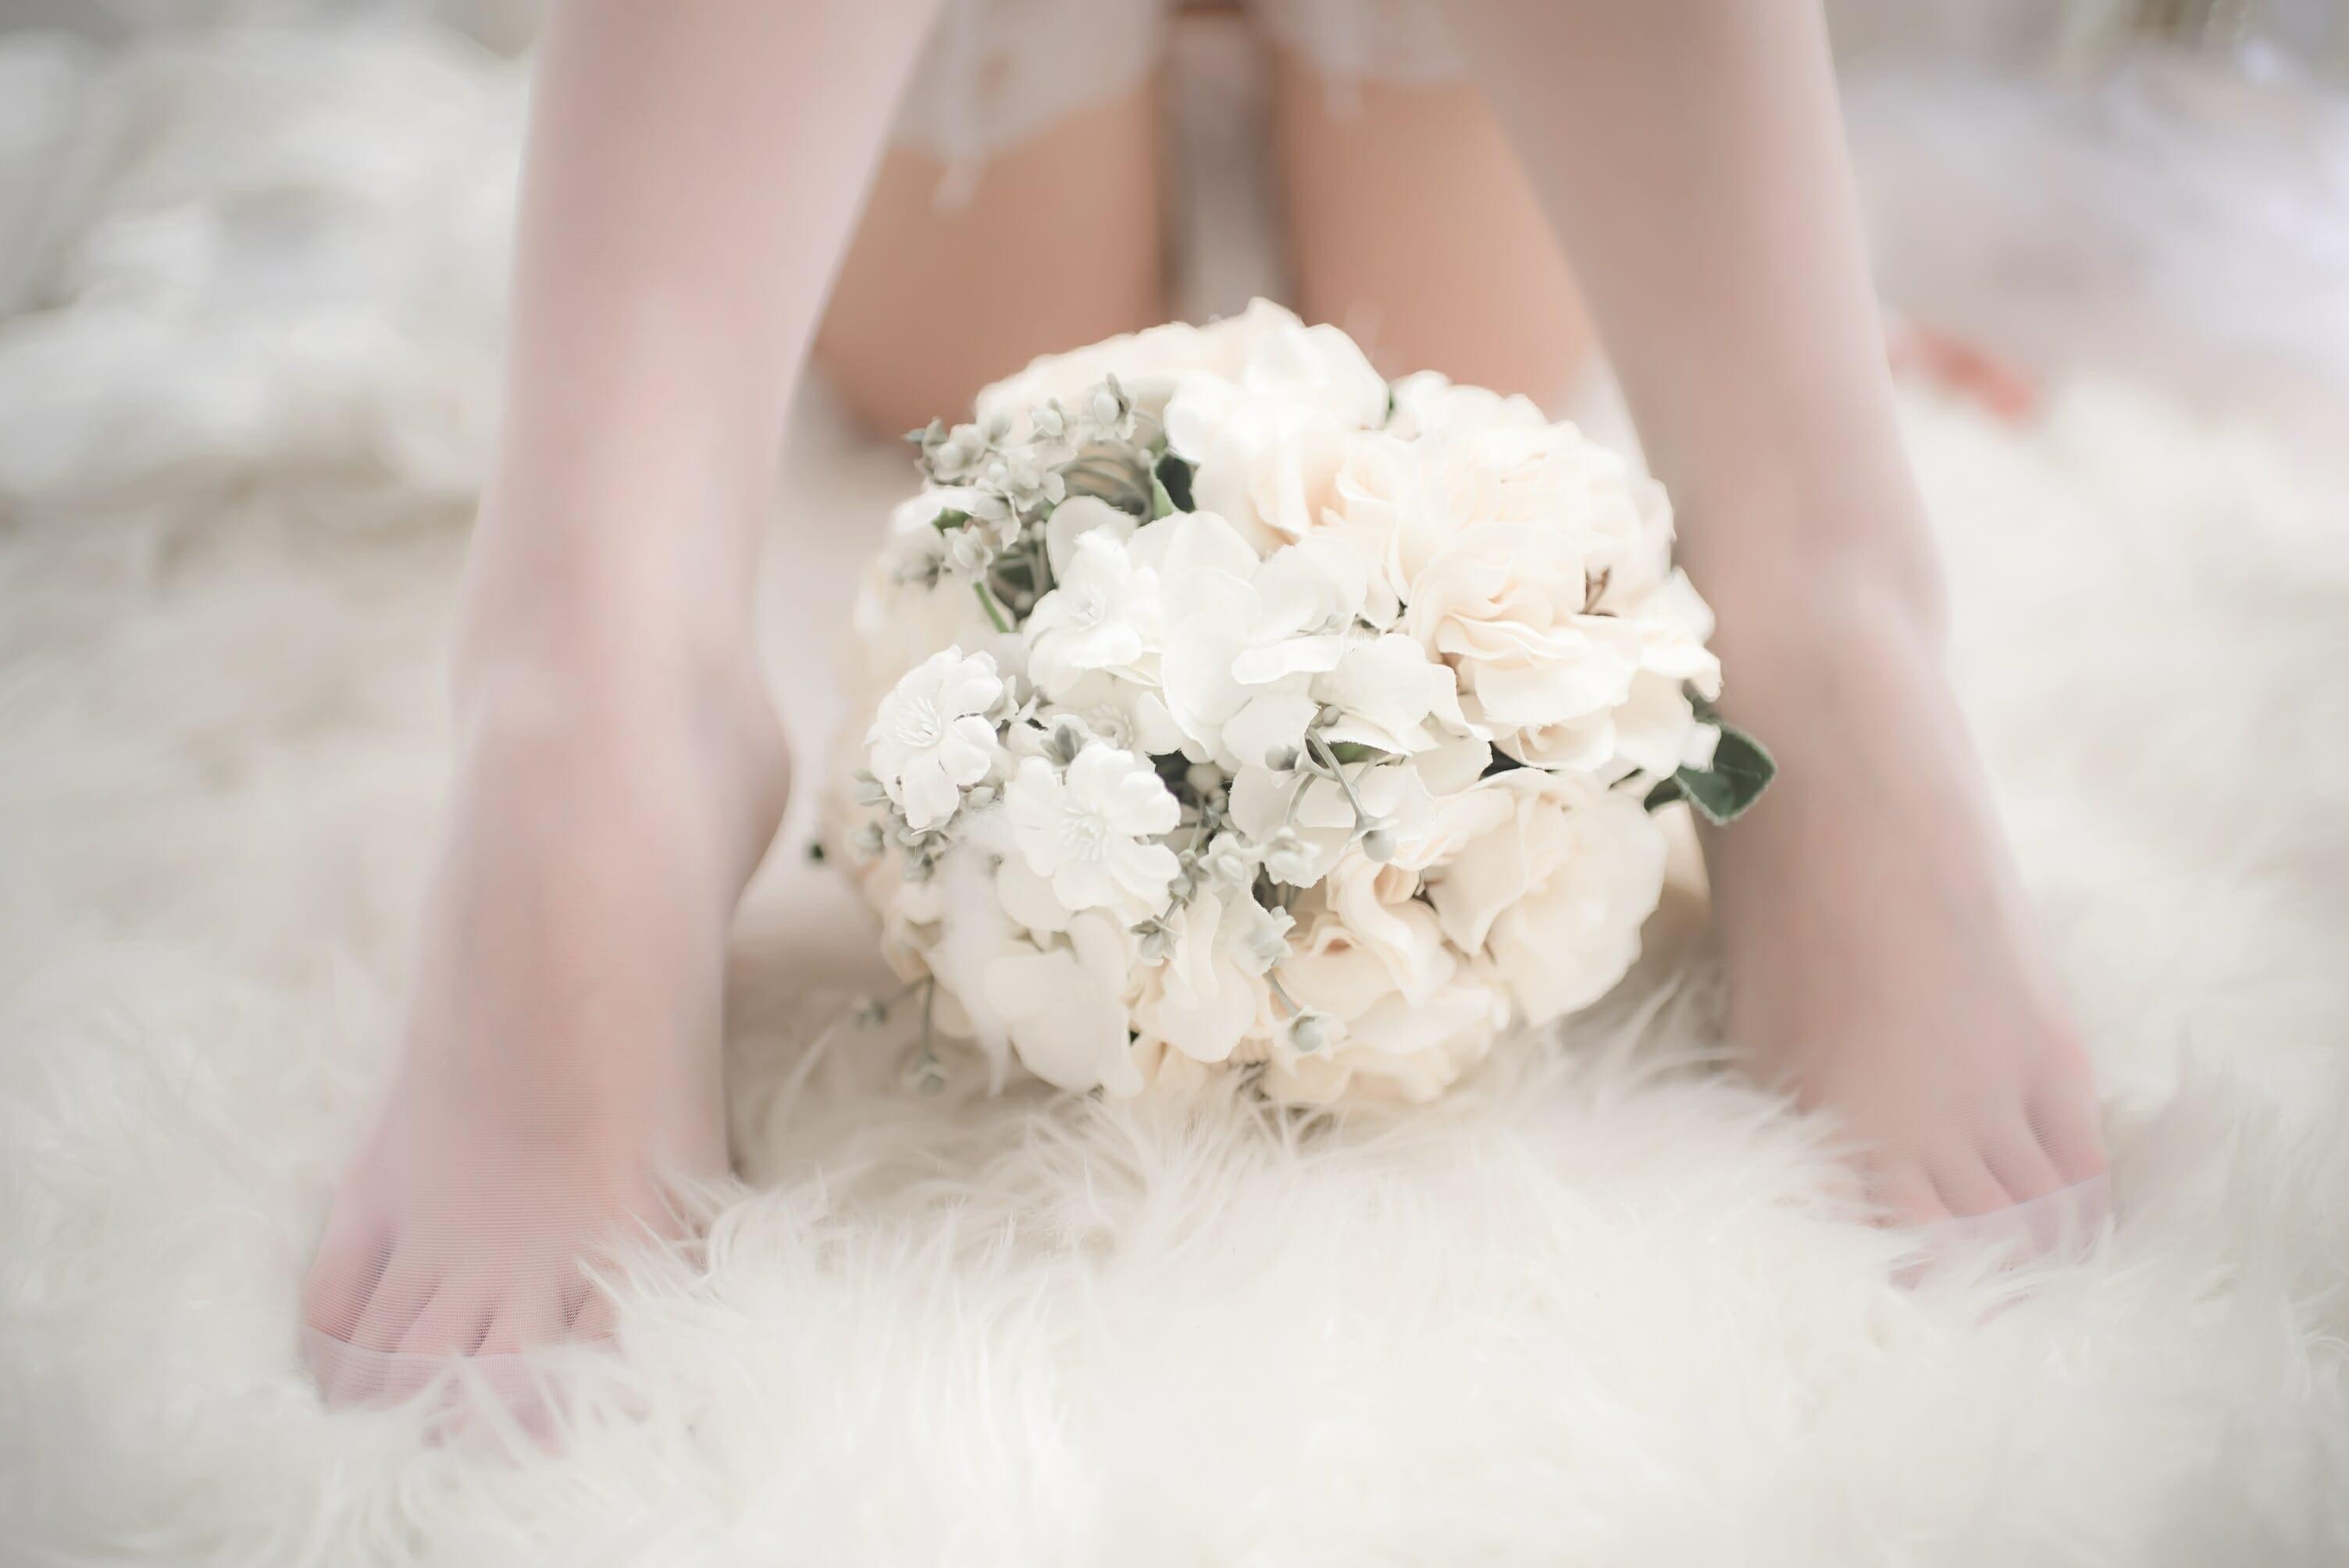 清水由乃《碧蓝航线》爱宕婚纱 白丝长腿作品欣赏-觅爱图